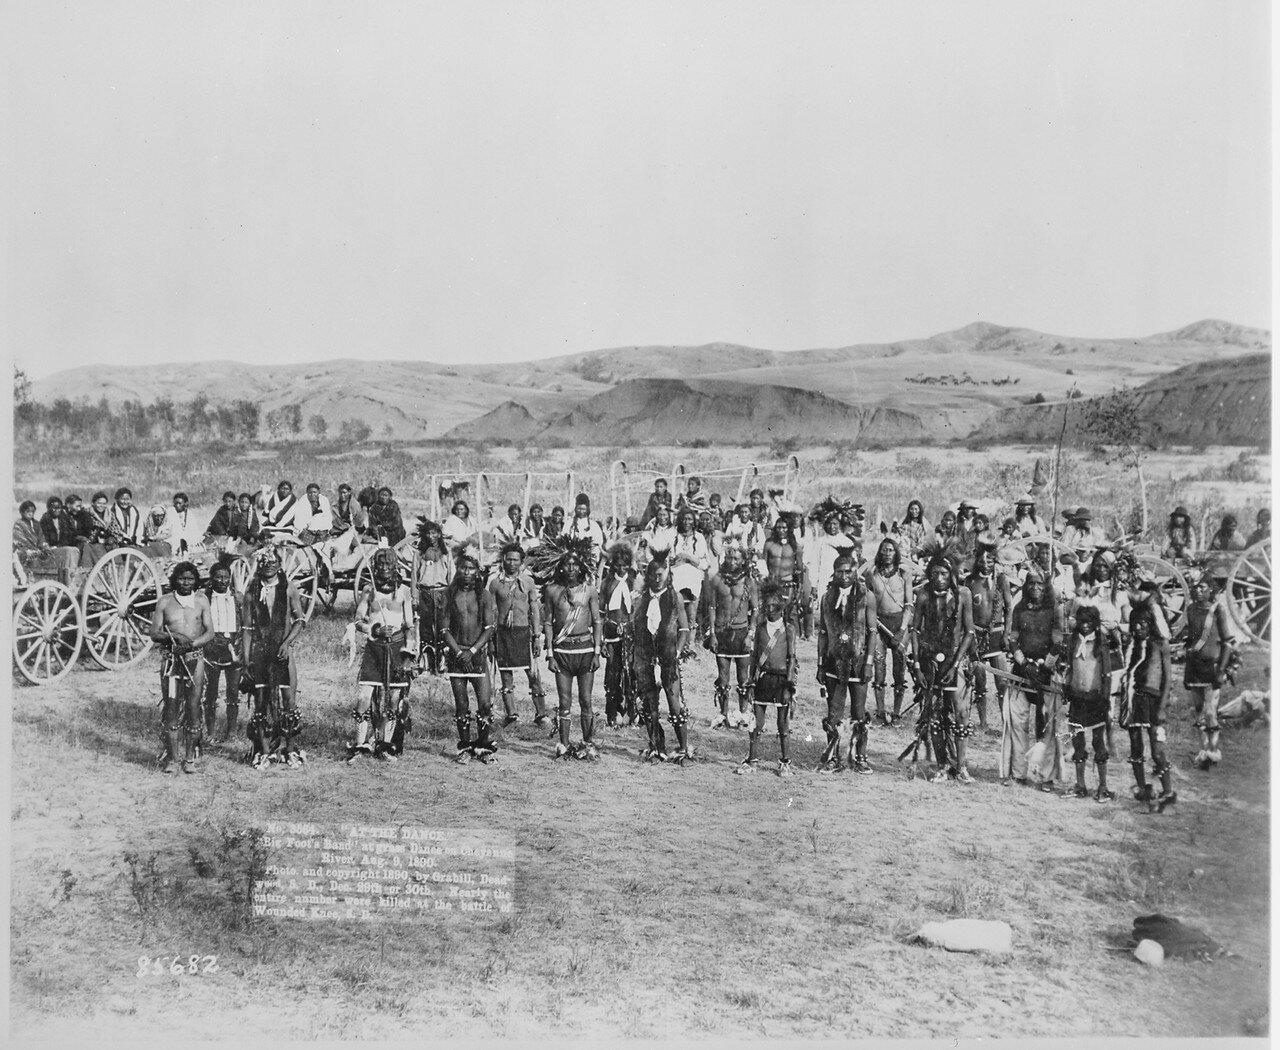 1890. Группа индейцев племени миннеконжу во главе с вождем «Большая Нога». Реки Шайенн, штат Южная Дакота, 08 сентября